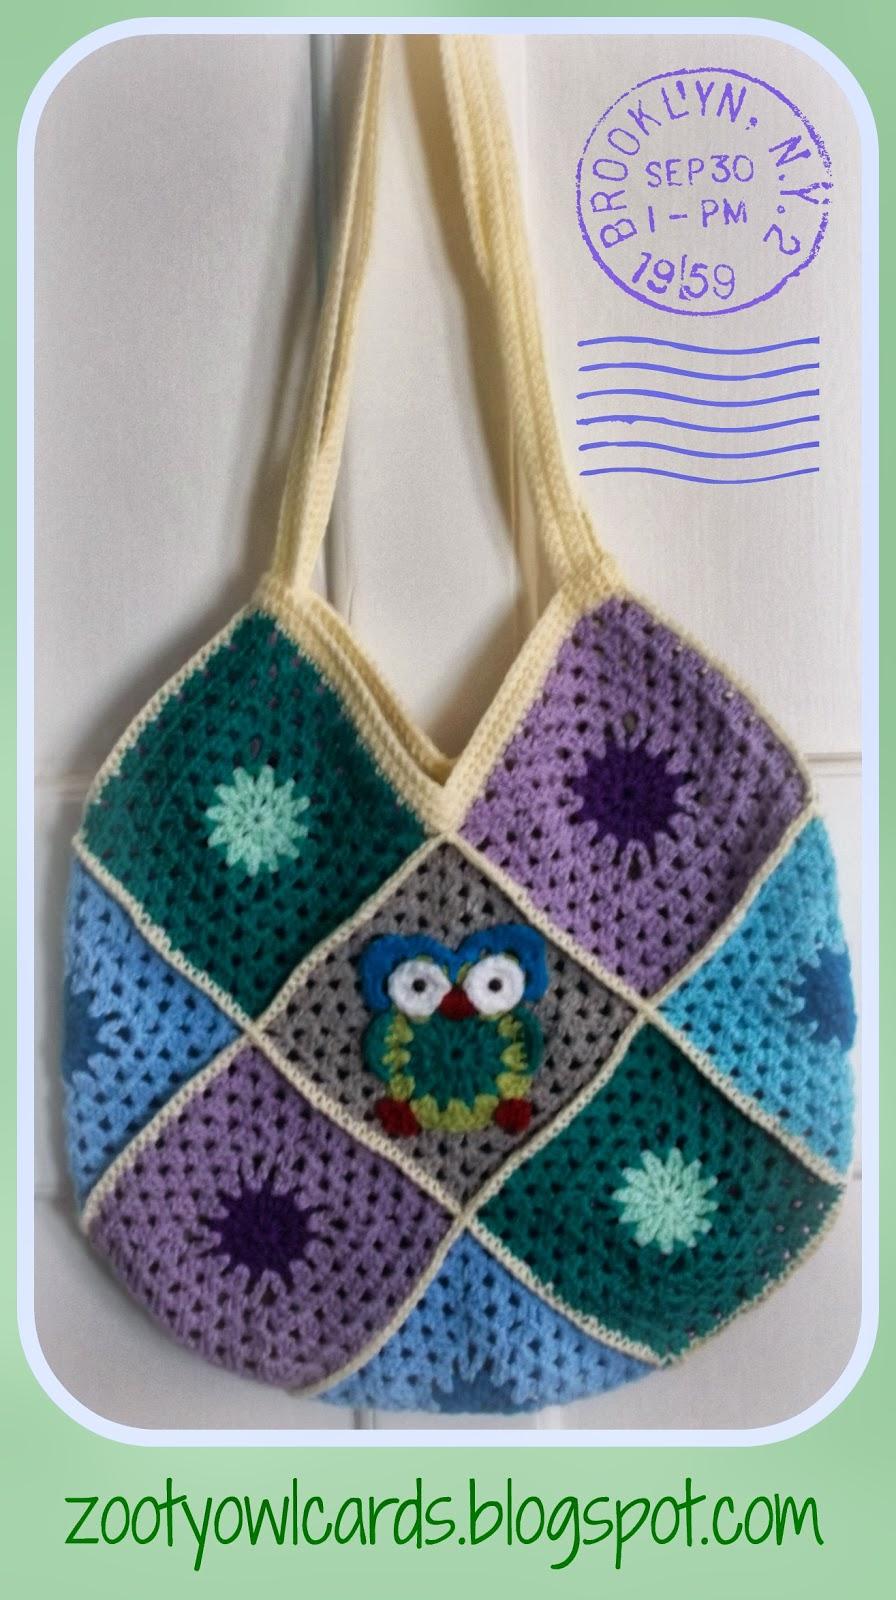 Granny Square Bag : Zooty Owls Crafty Blog: Granny Square Bag